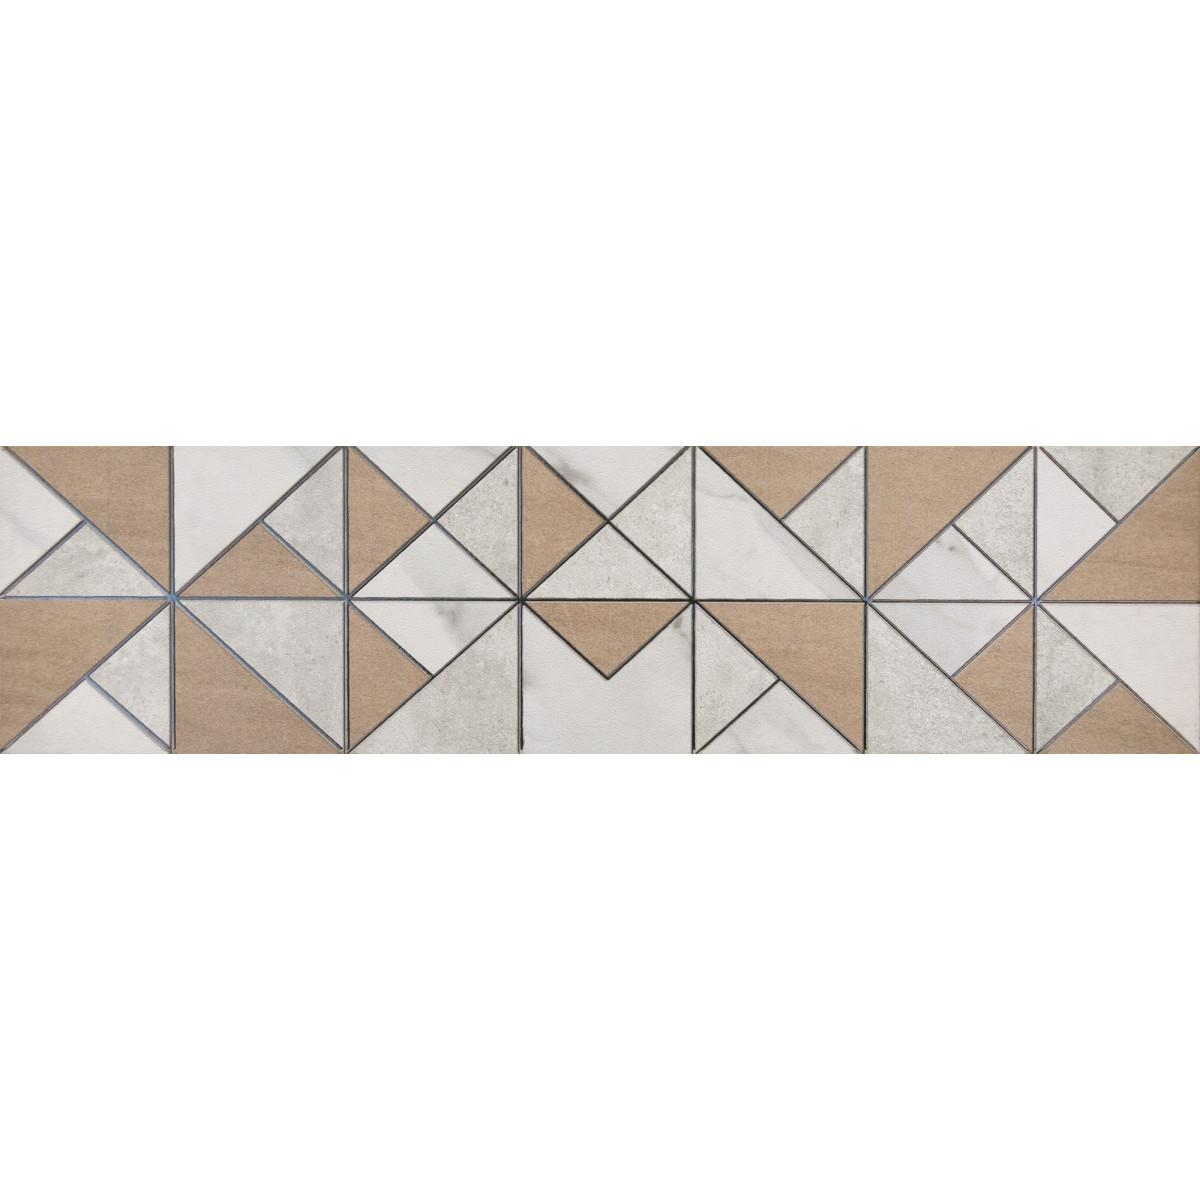 Керамогранит Loft «Мозаик» 60x15 см 2 шт.